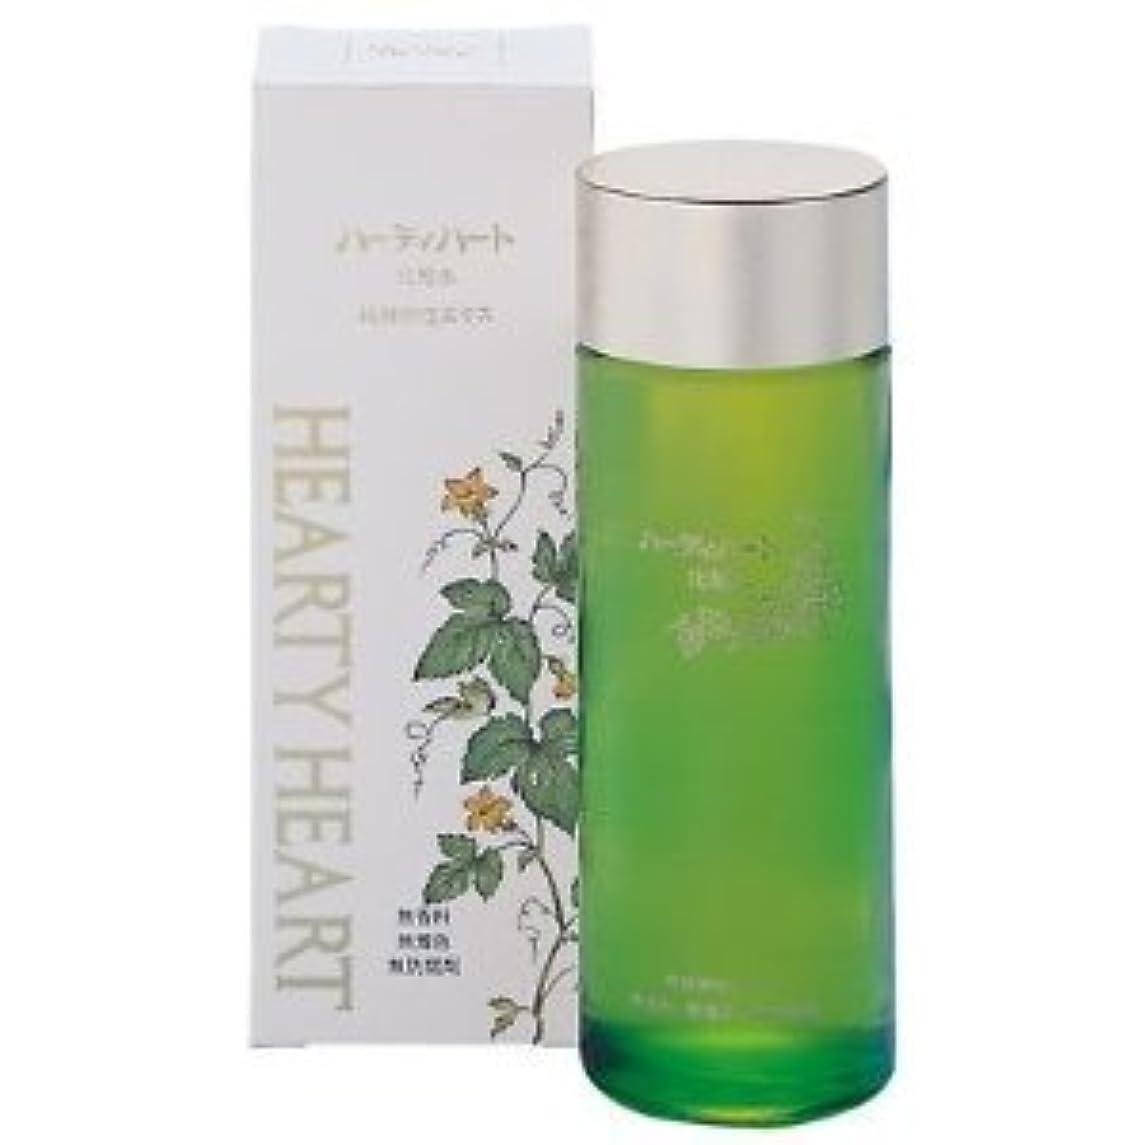 始める確立許可ハーティハート 和漢植物エキス配合 化粧品 100ml 純植物性スキンケア